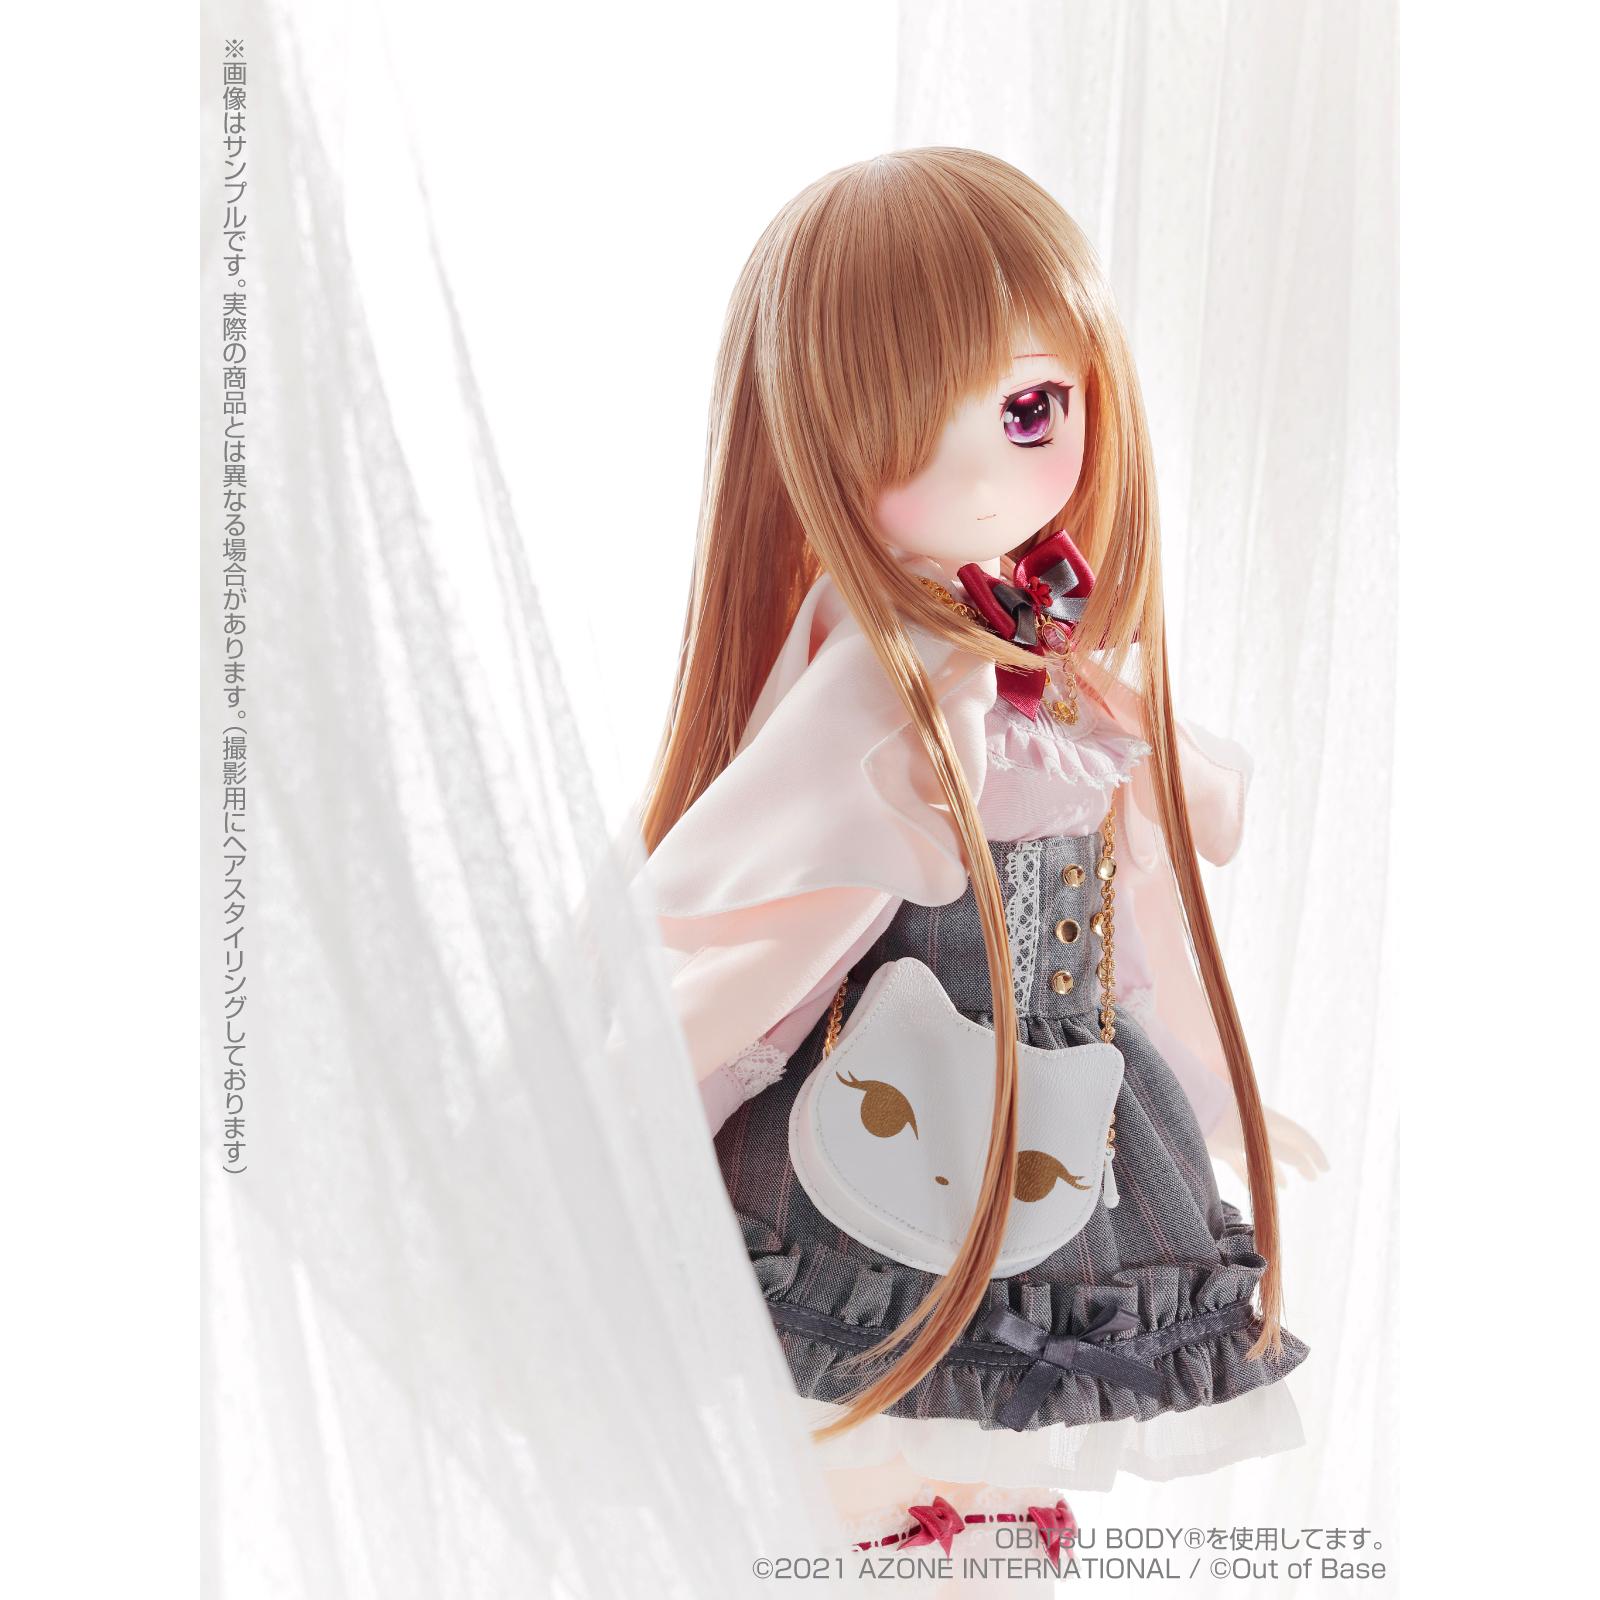 Iris Collect petit『すずね/~Wonder fraulein~Goth×Loli cats(通常販売ver.)』アイリスコレクト プチ 1/3 完成品ドール-012